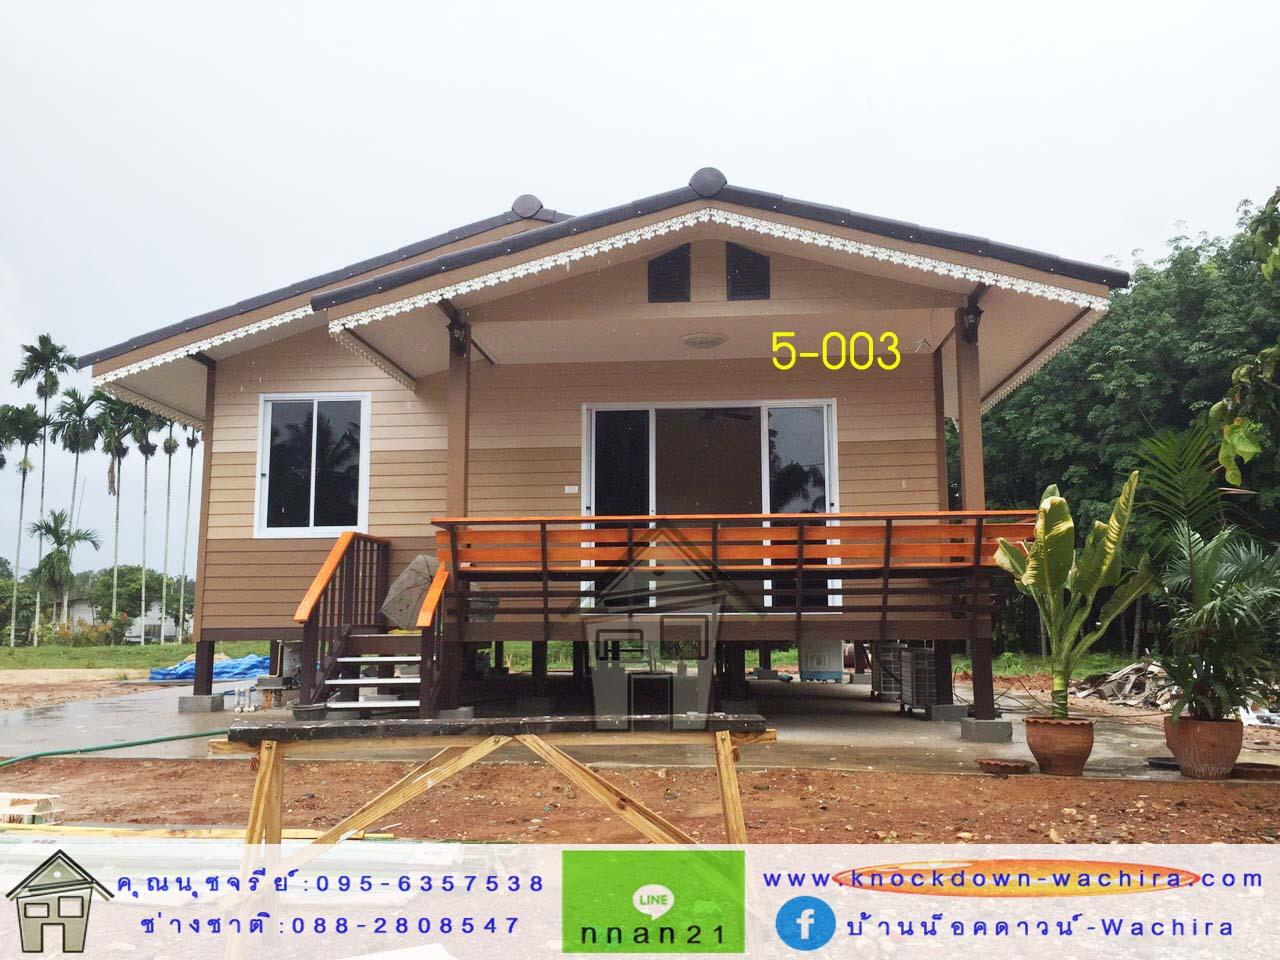 5-003 บ้านน็อคดาวน์ - ทรงจั่วมุกซ้อน